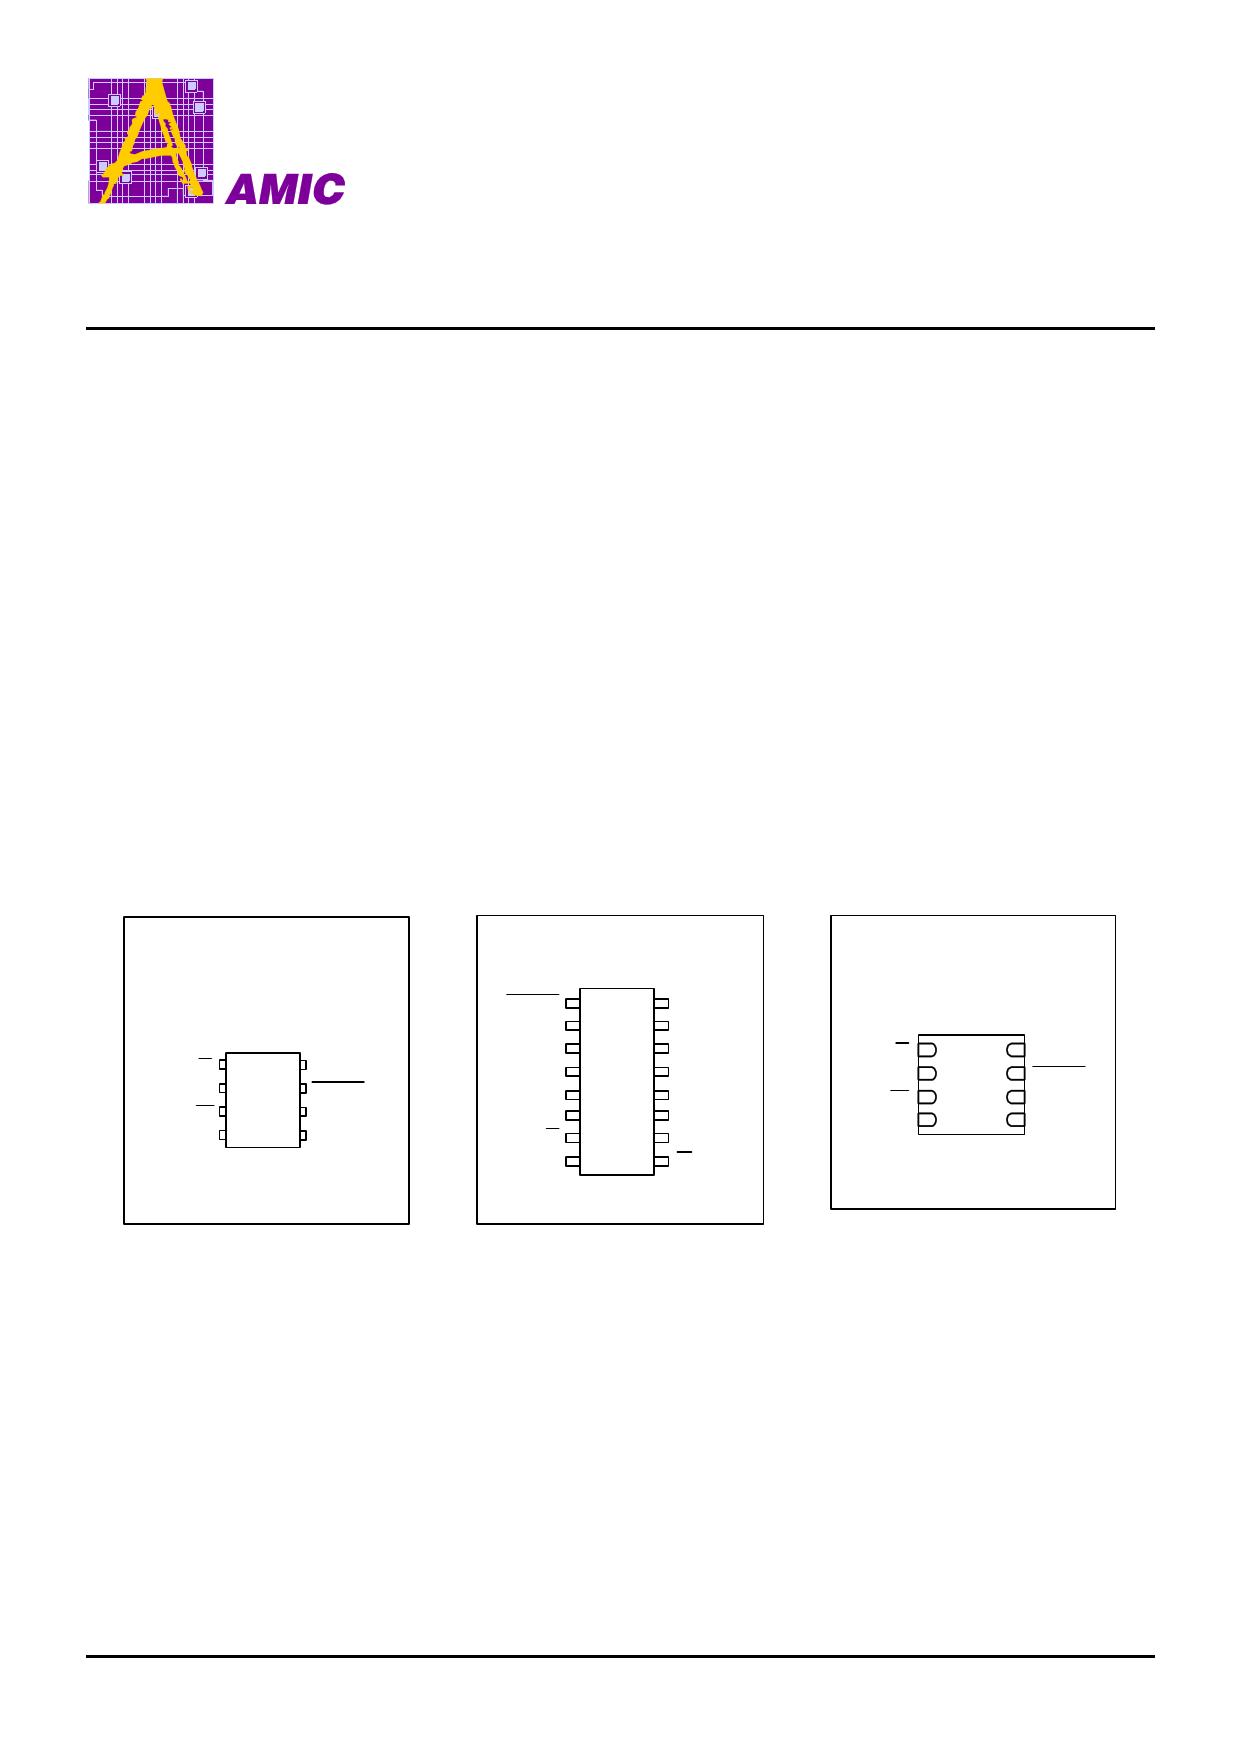 A25L16P pdf, schematic